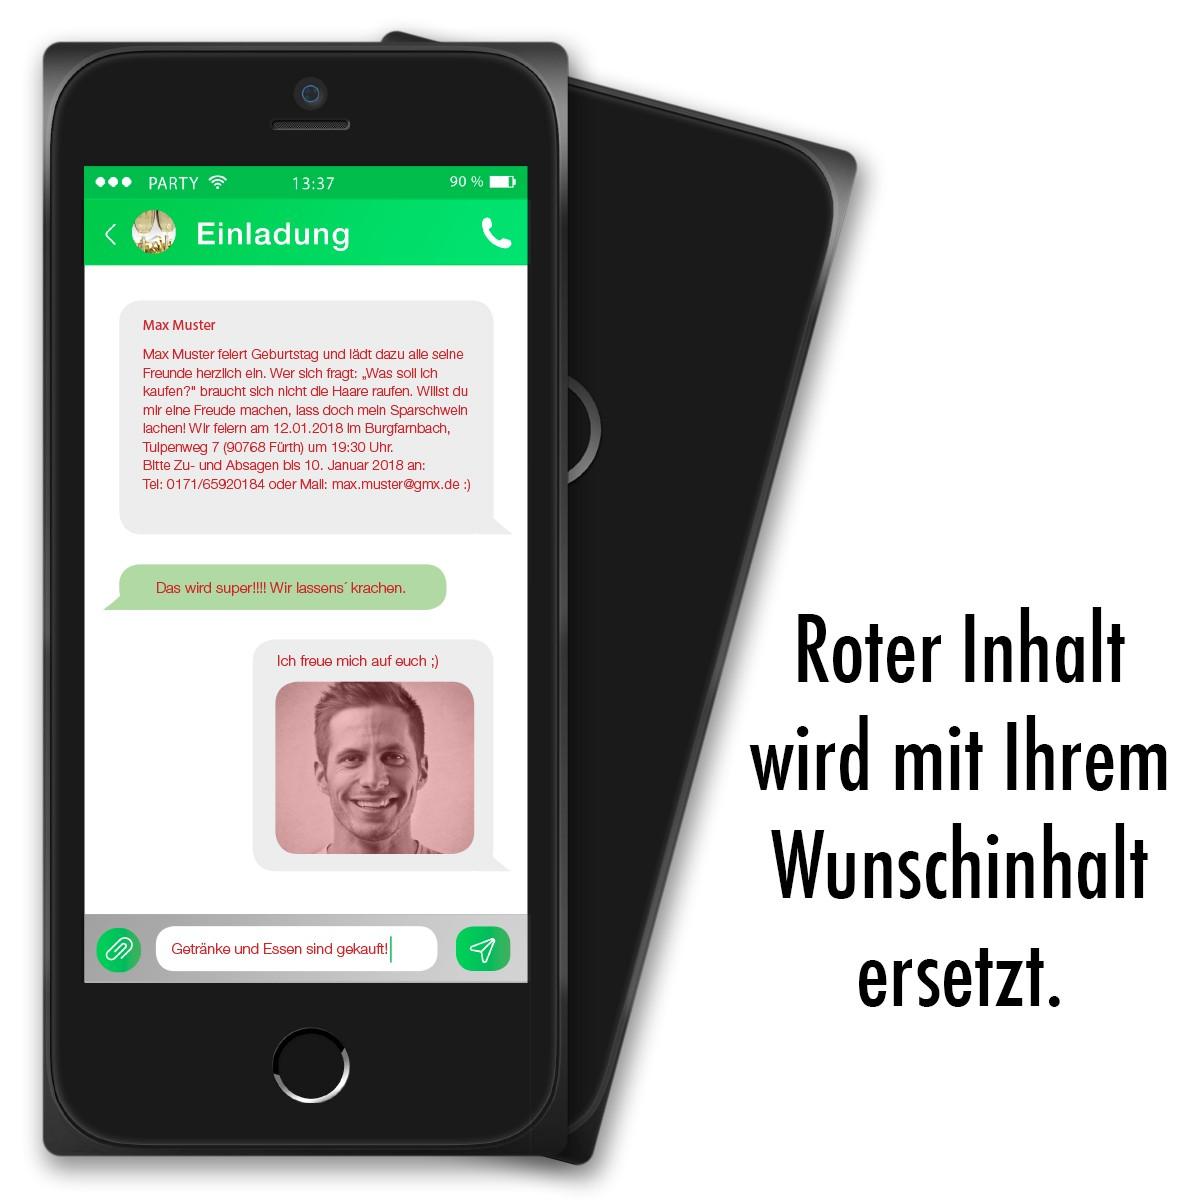 Einladungskarten Gestalten Kostenlos Amazon: Einladungskarten Als Smartphone Mit Bild Ab 55 Cent